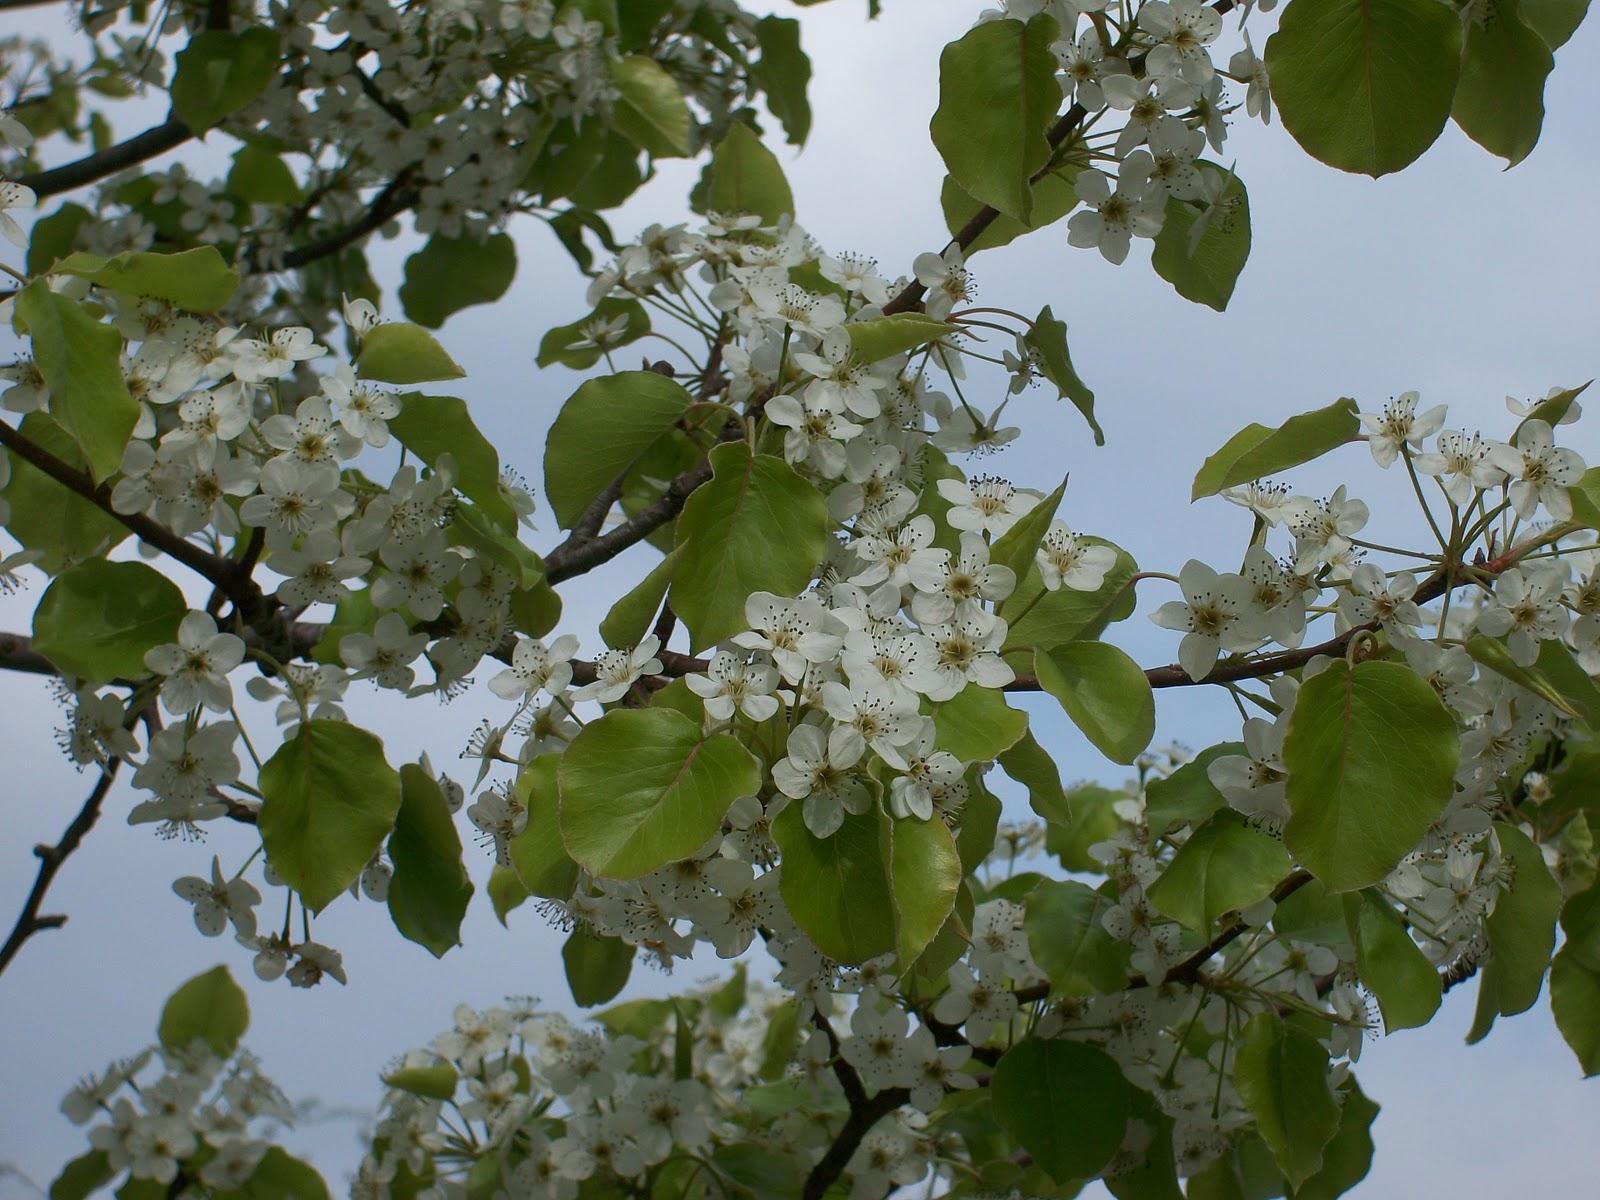 Le bruit des pages le jour du printemps - 1er jour du printemps ...